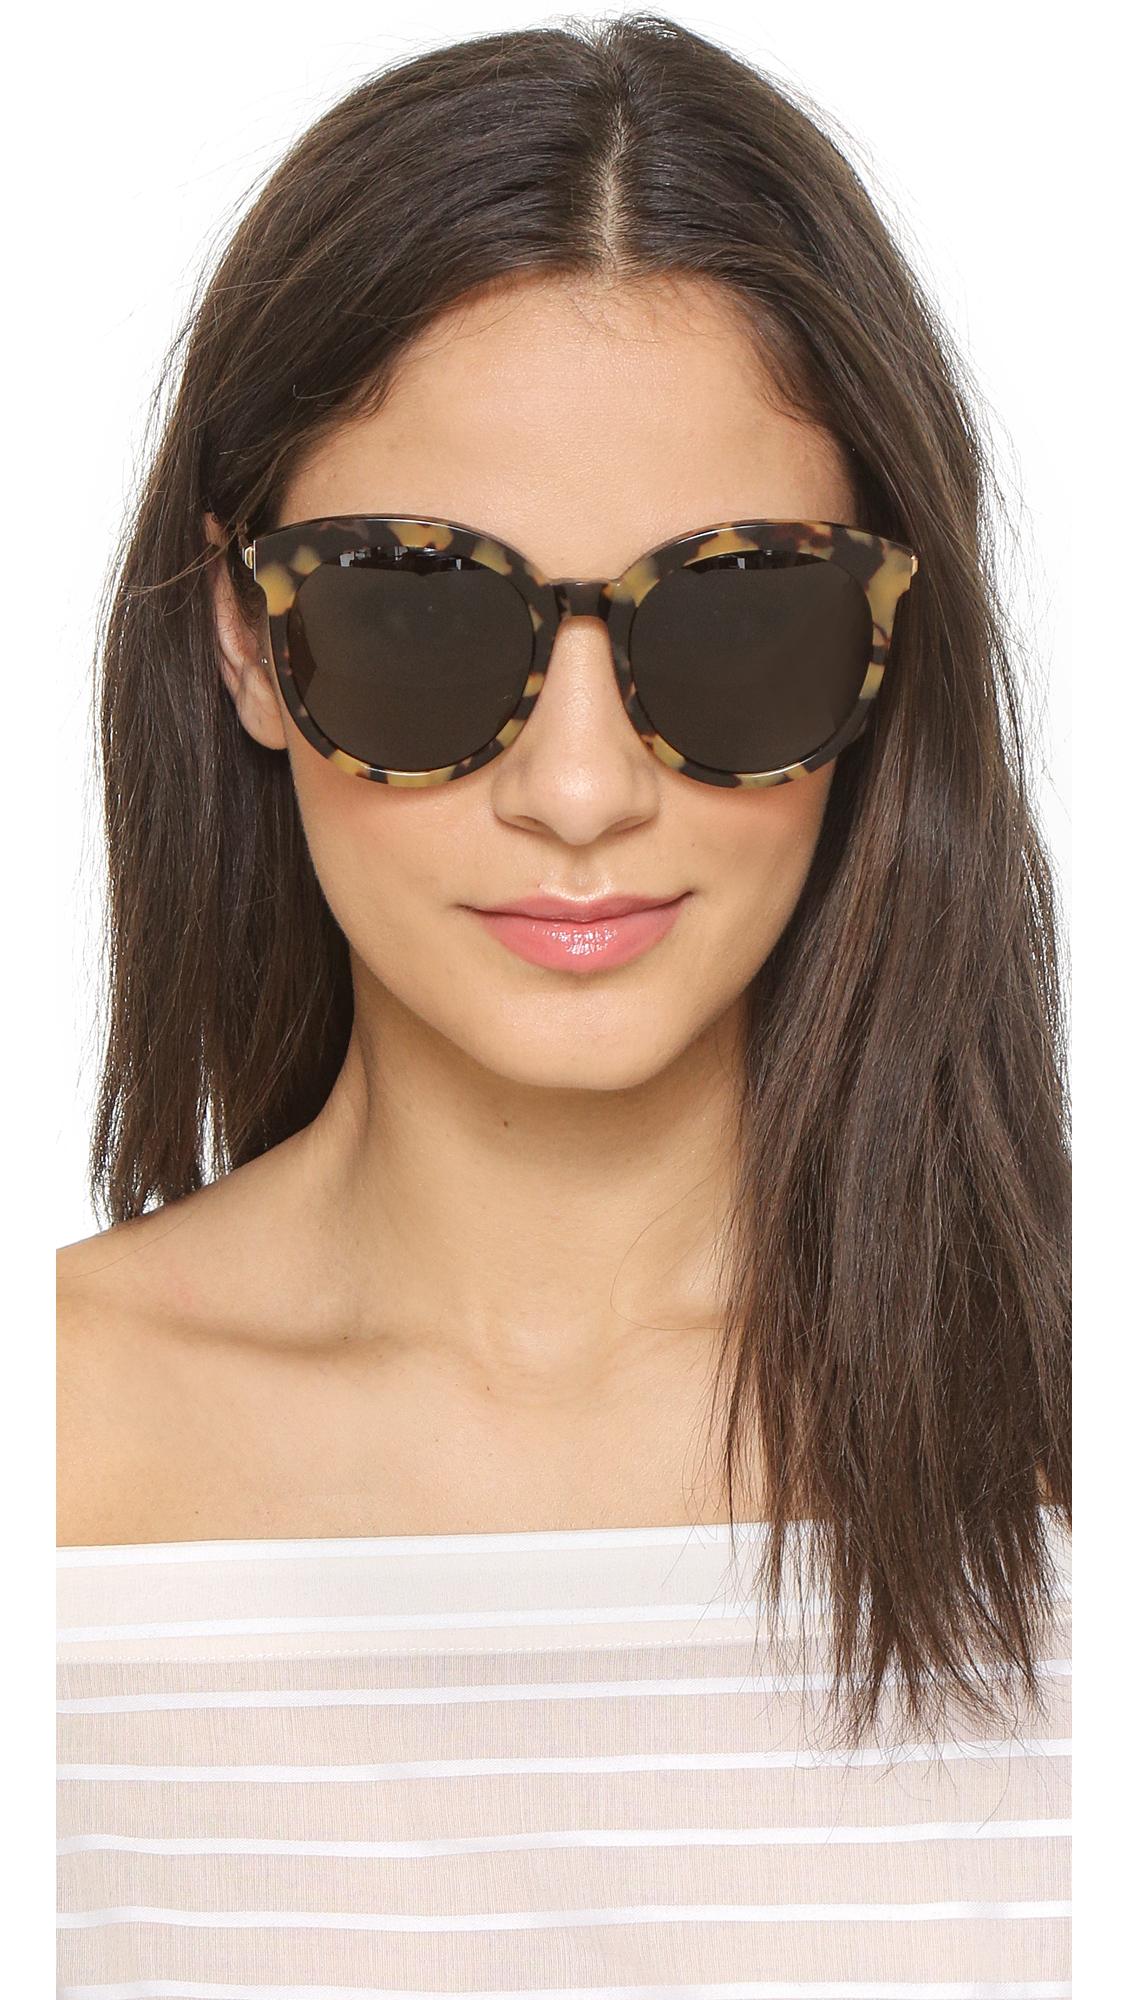 e37b4b11070 Lyst - Gentle Monster Lovesome Sunglasses - Tortoise black in Black